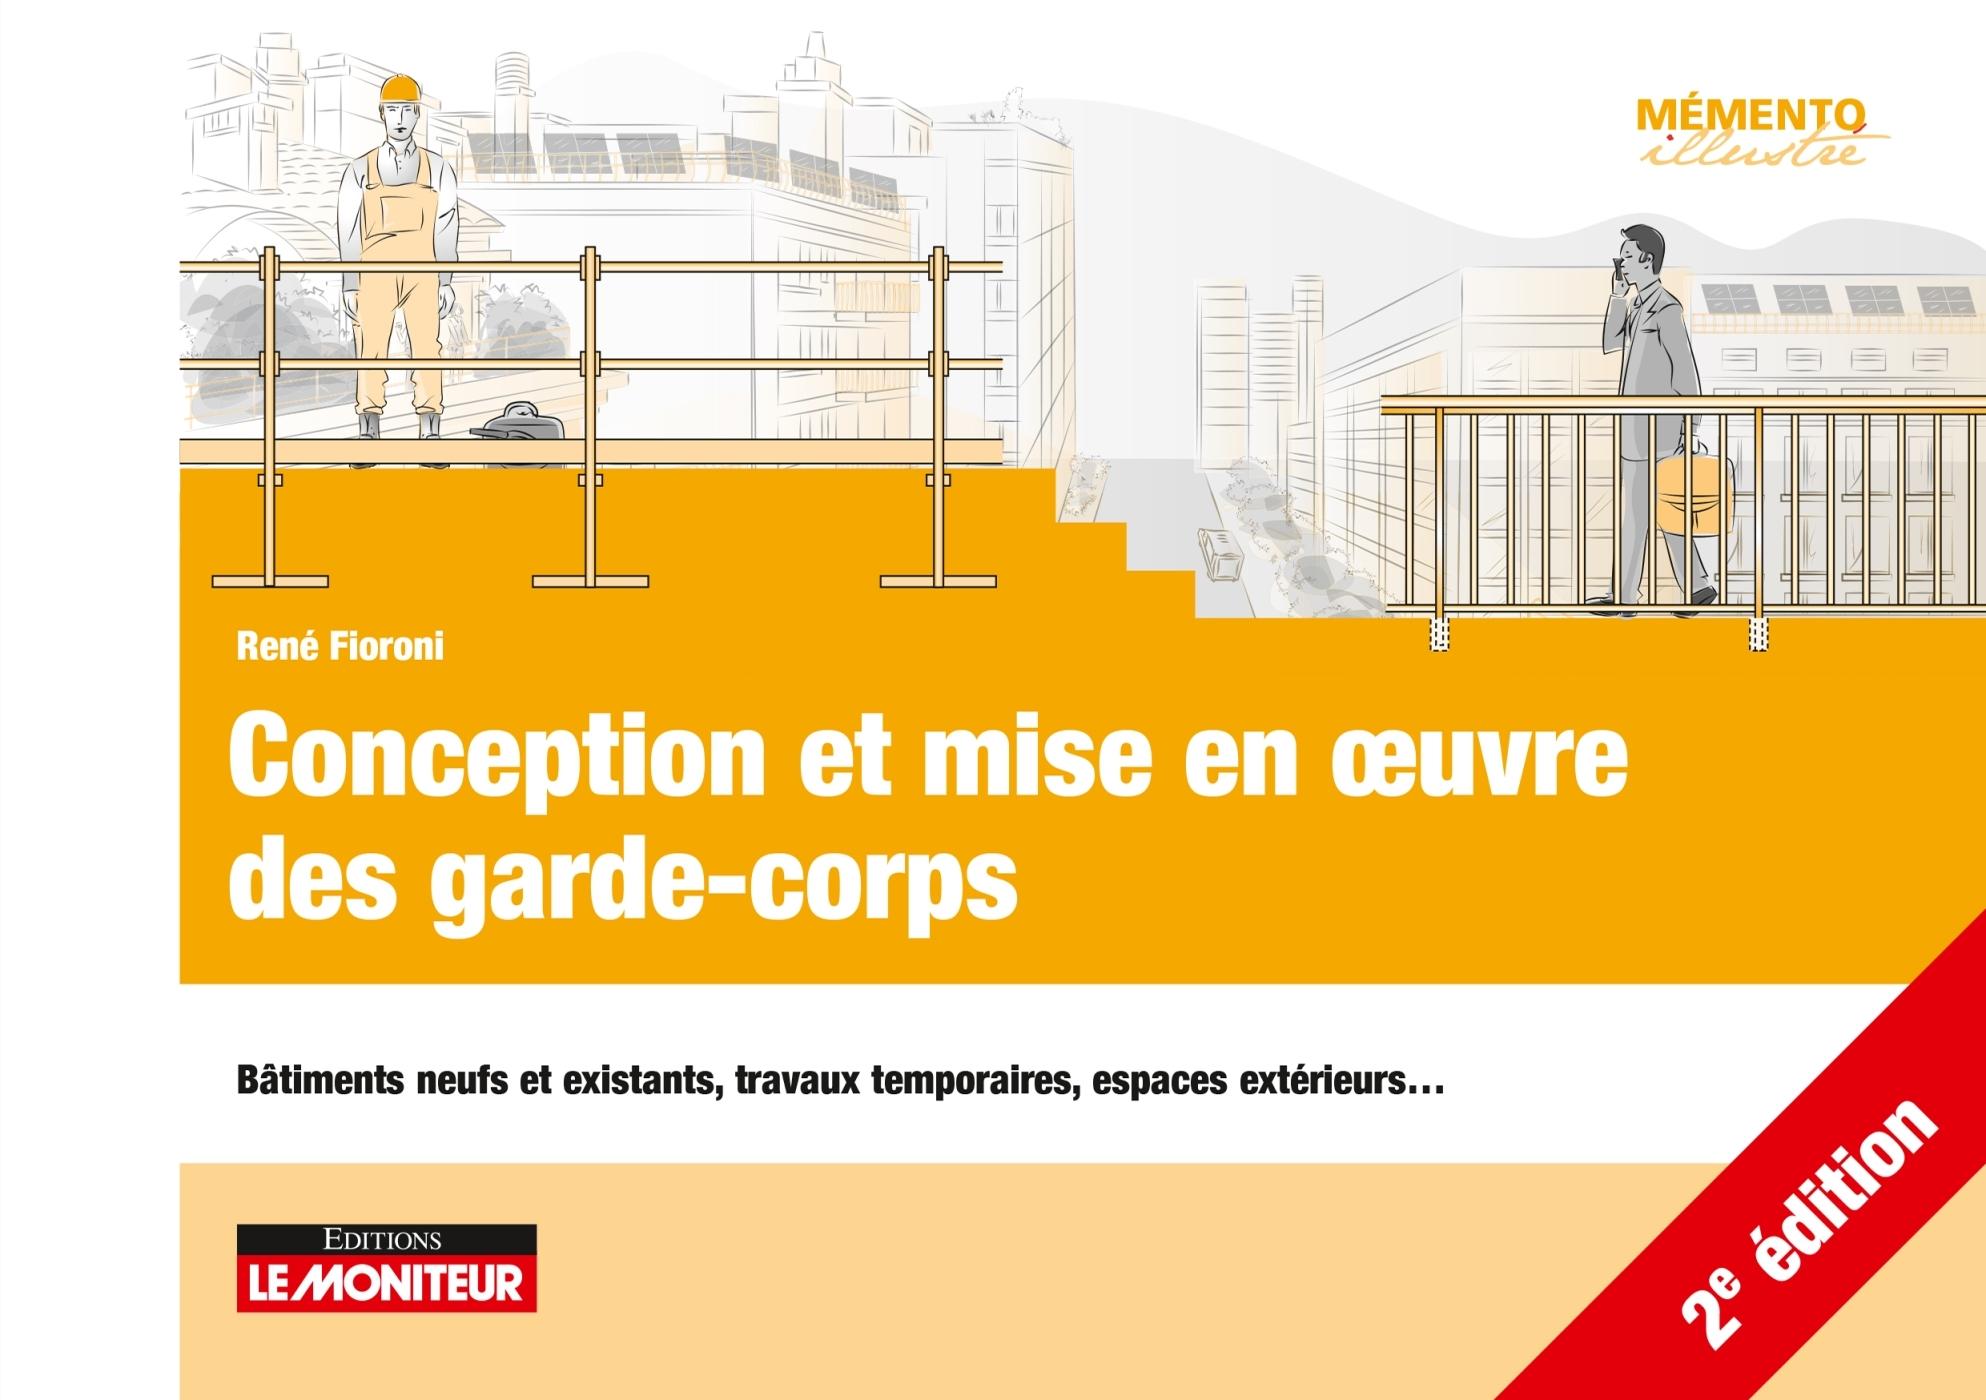 LE MONITEUR - 2E EDITION 2020 - CONCEPTION ET MISE EN OEUVRE DES GARDE-CORPS - BATIMENTS NEUFS ET EX